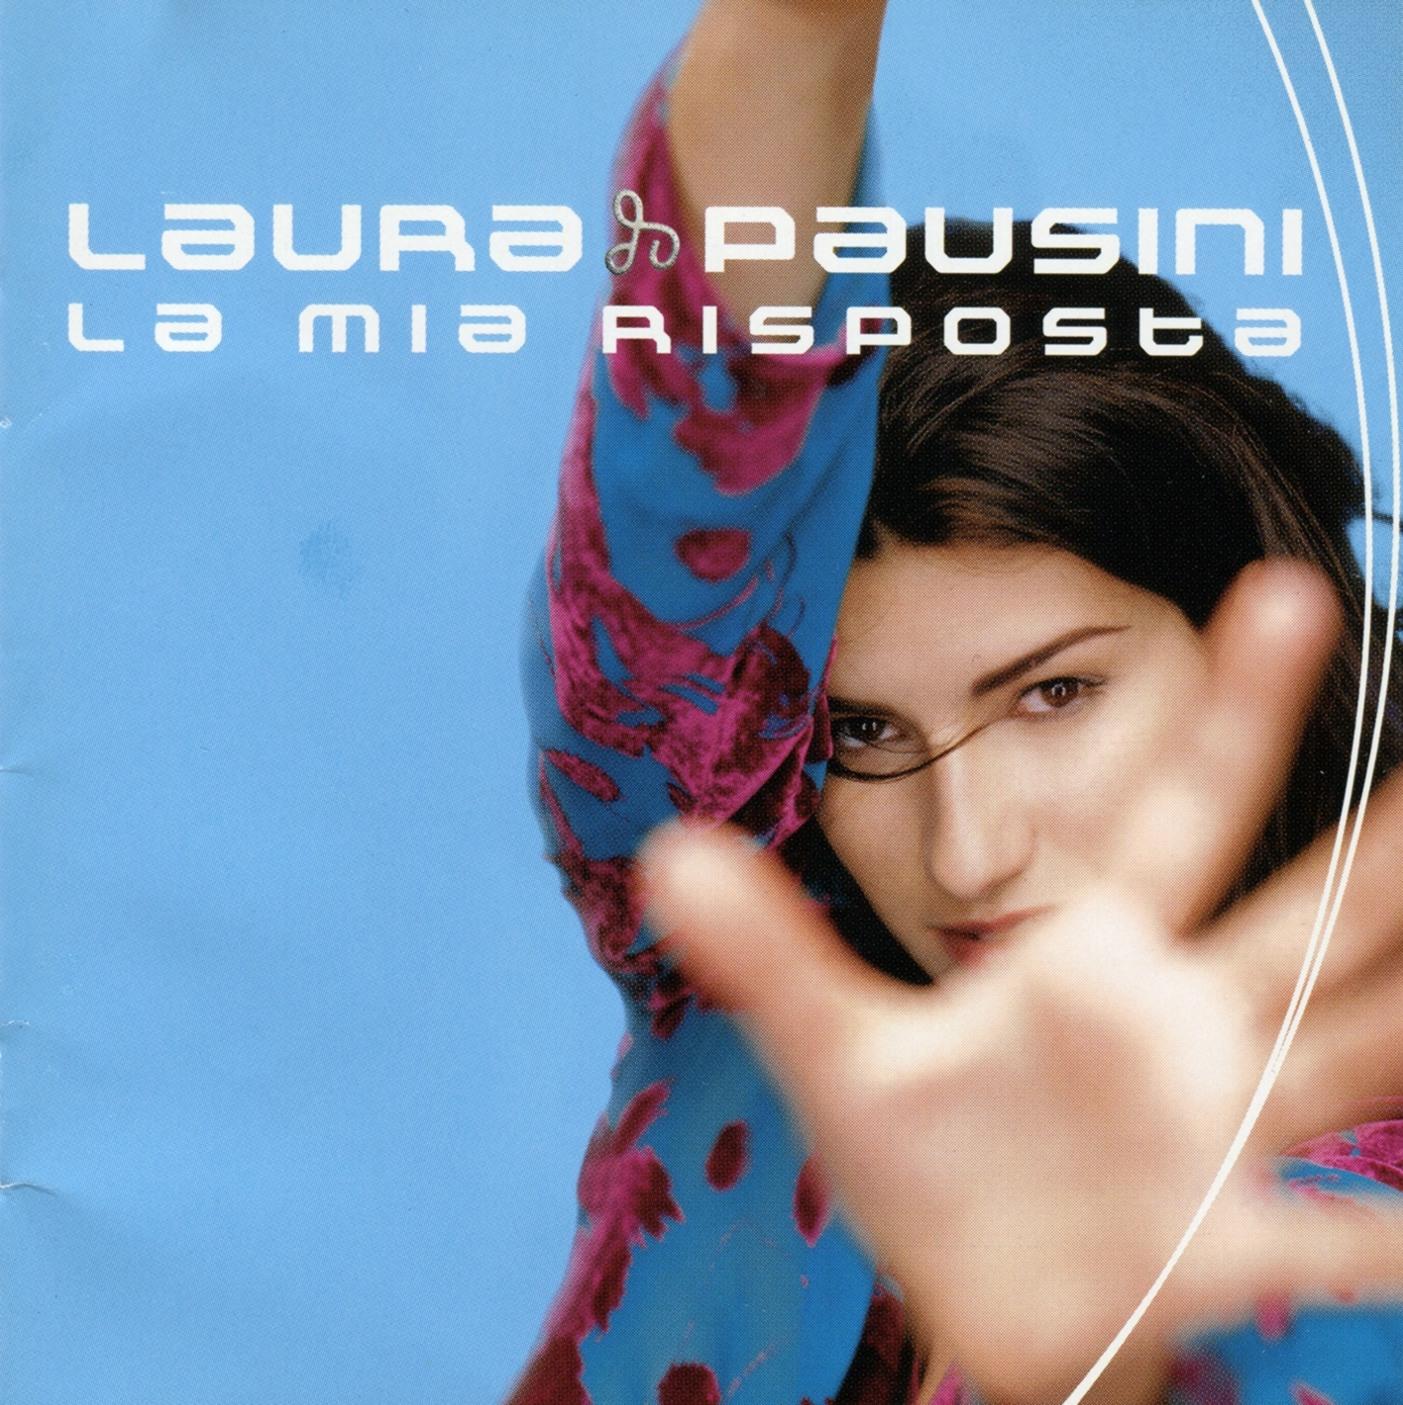 Album La Mia Risposta (1998) – Laura Pausini